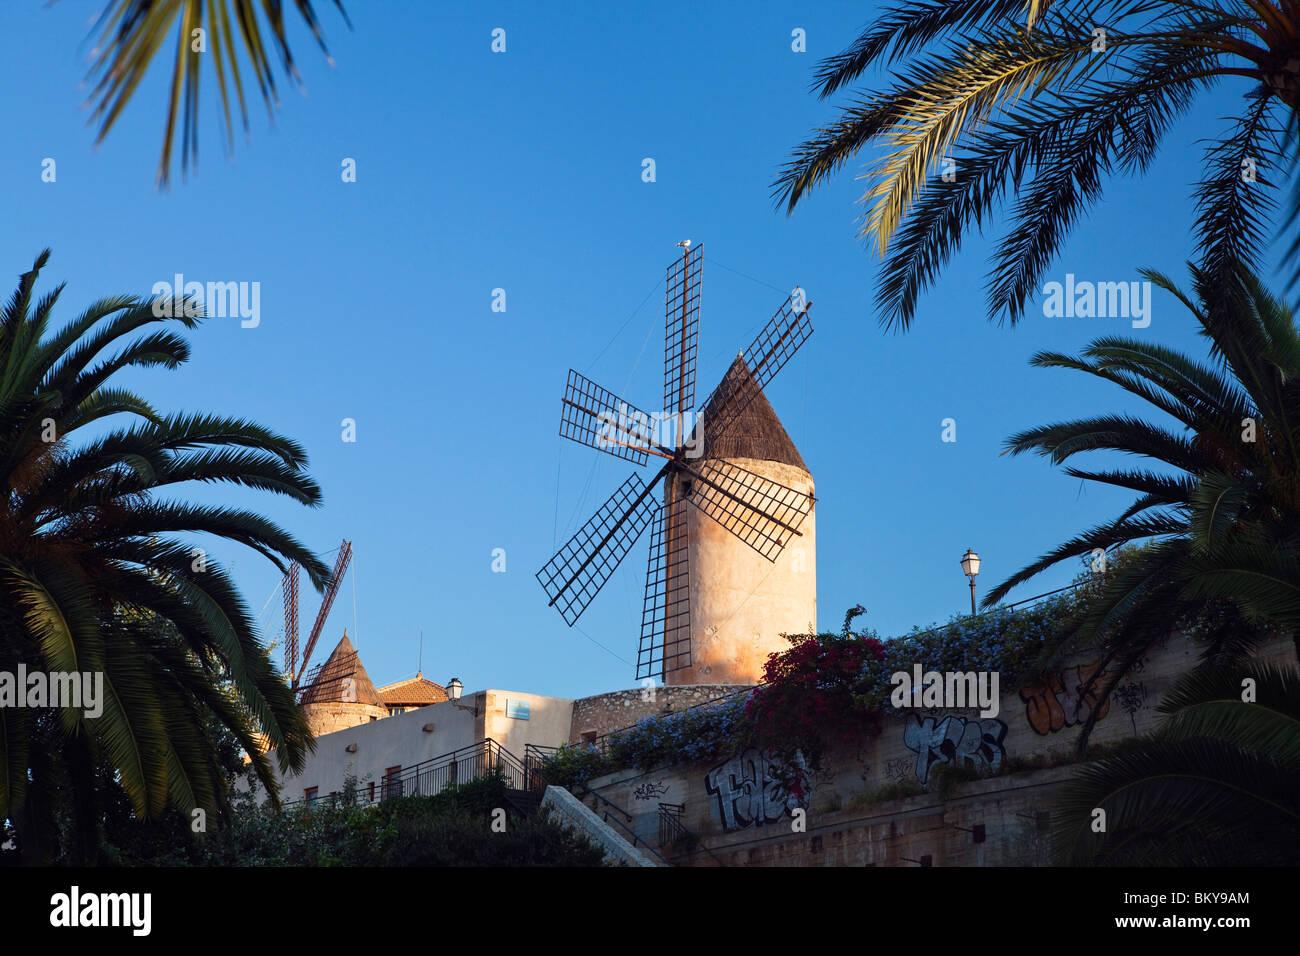 Les moulins à vent historiques de Es Jonquet avec mur de ville dans la vieille ville de Palma de Mallorca, Photo Stock